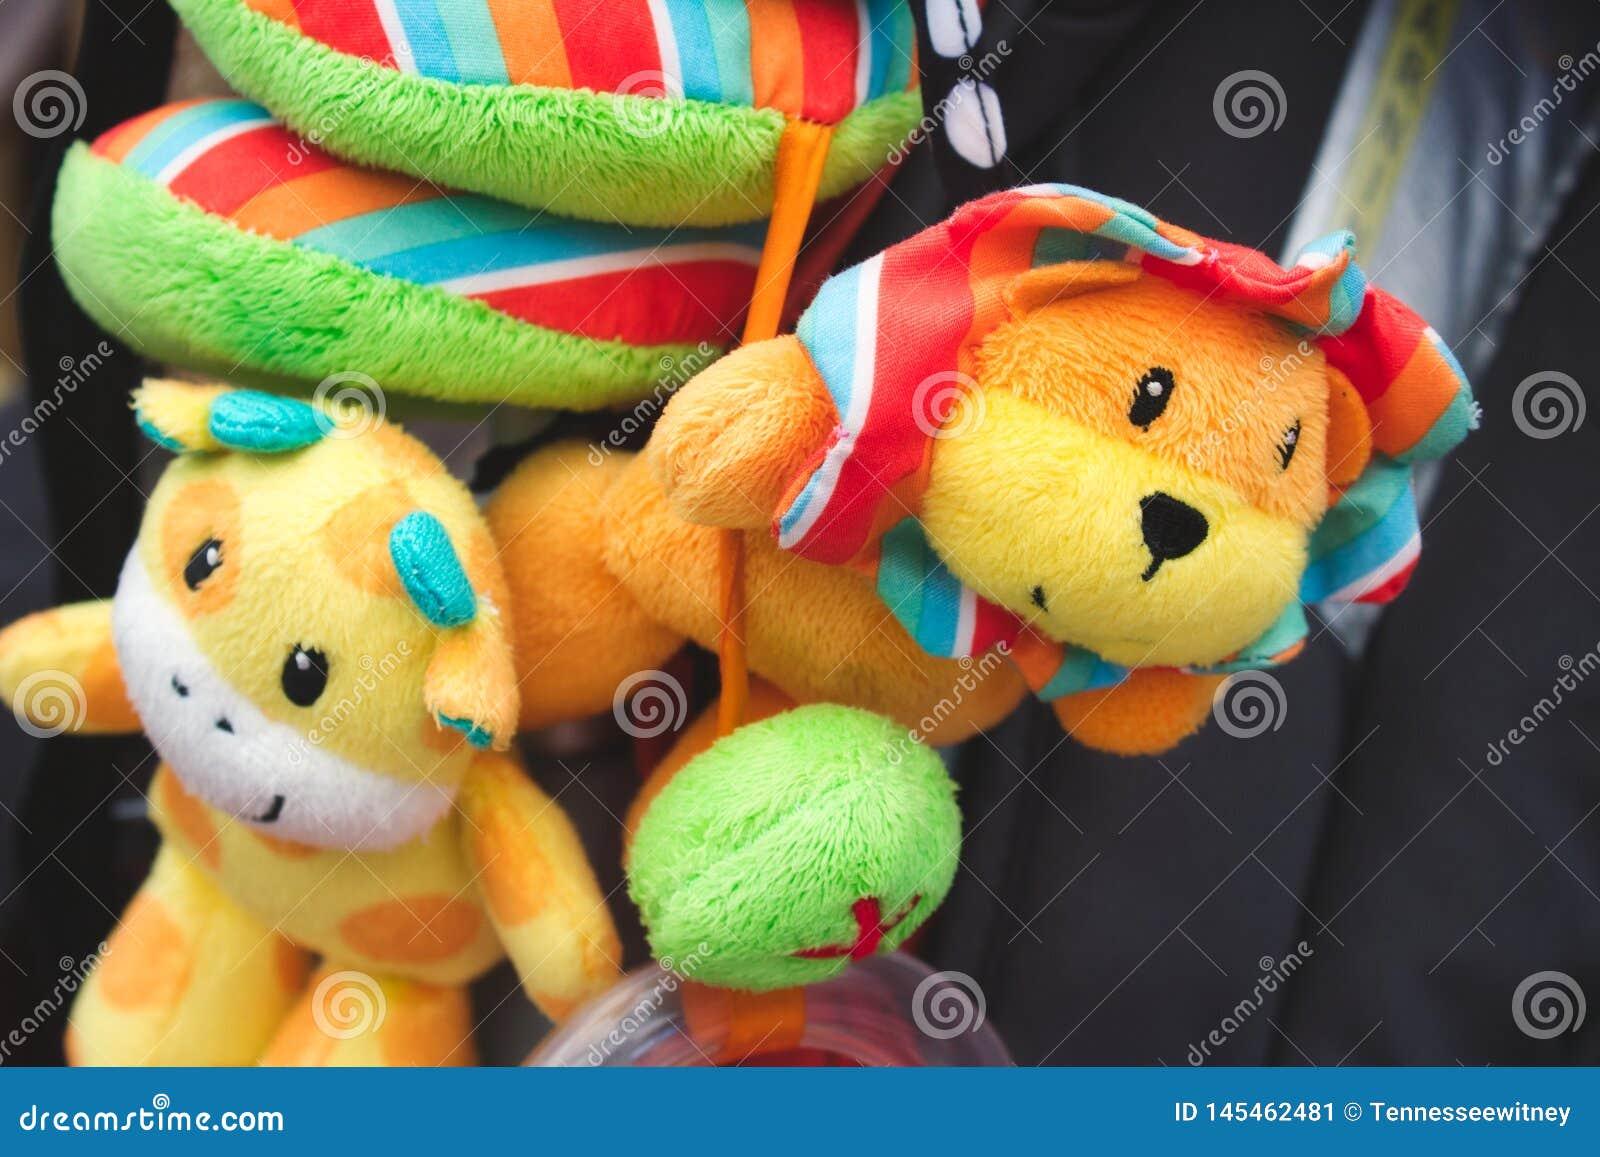 Zacht snoezig speelgoed die van de kinderwagen van een baby hangen